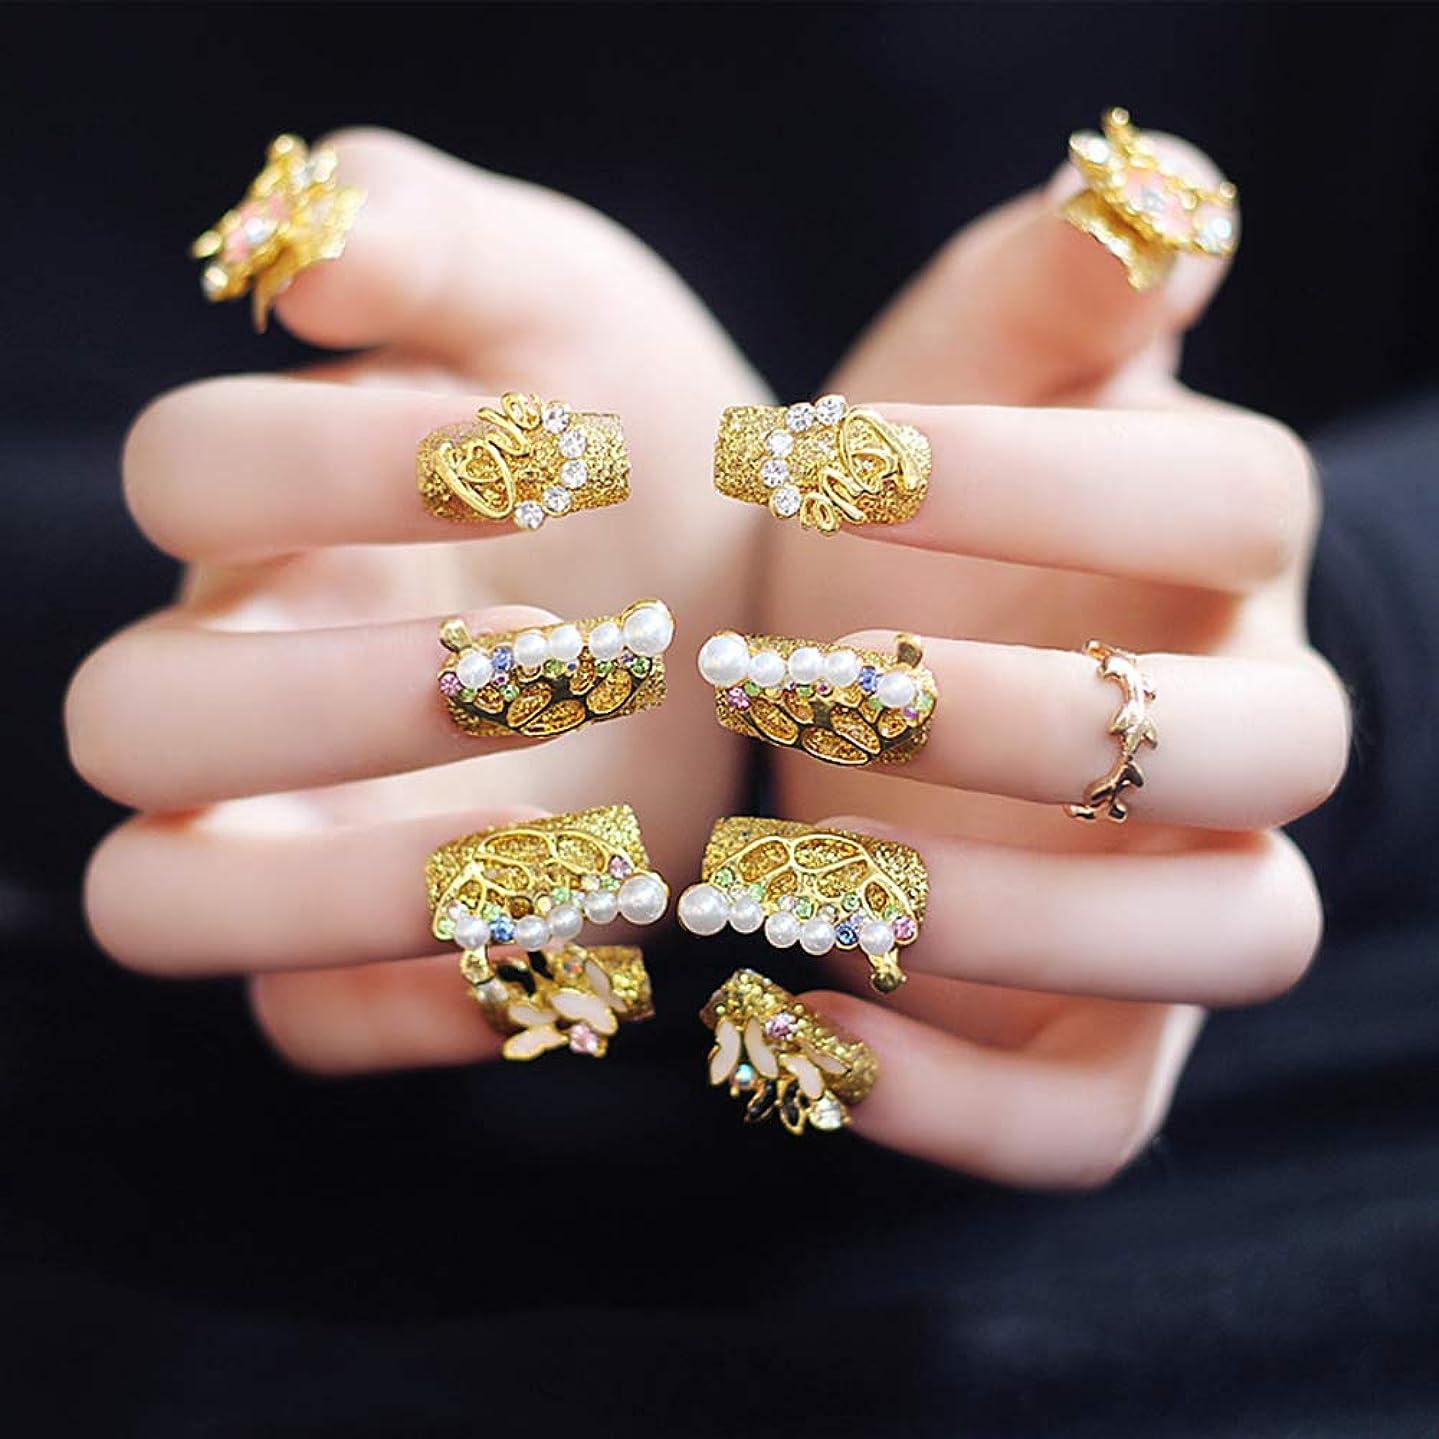 男やもめ明るい慈悲XUTXZKA ゴールデン結婚式の偽の釘ロング20個スクエアラインストーンの装飾ネイルのヒント花嫁のステッカー